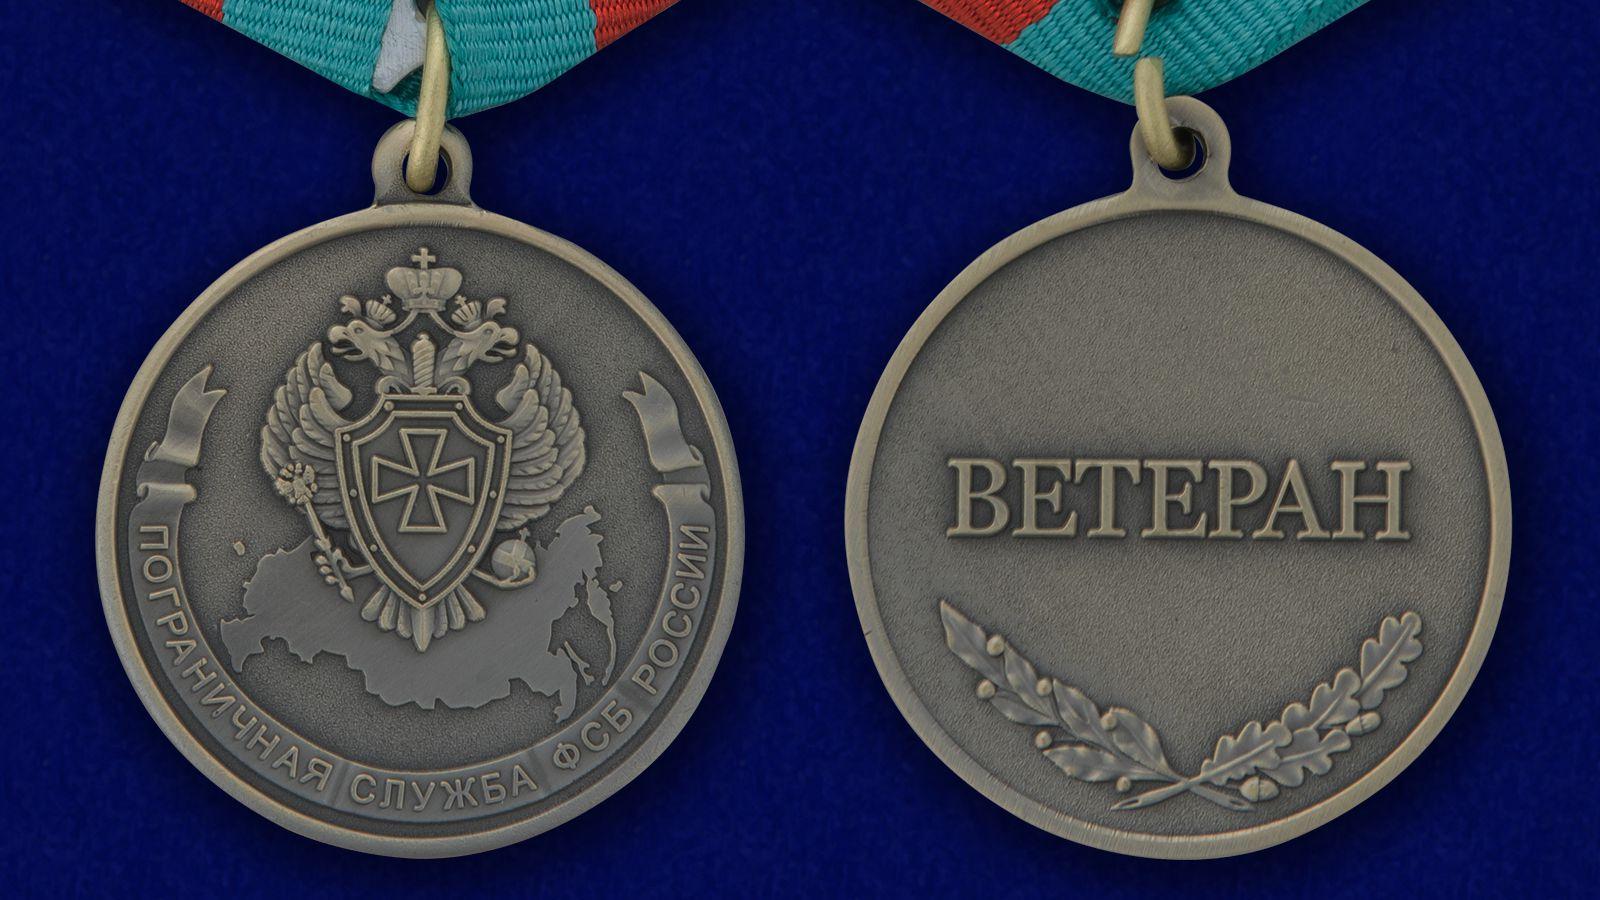 Медаль Пограничная Служба ФСБ России (Ветеран) - аверс и реверс